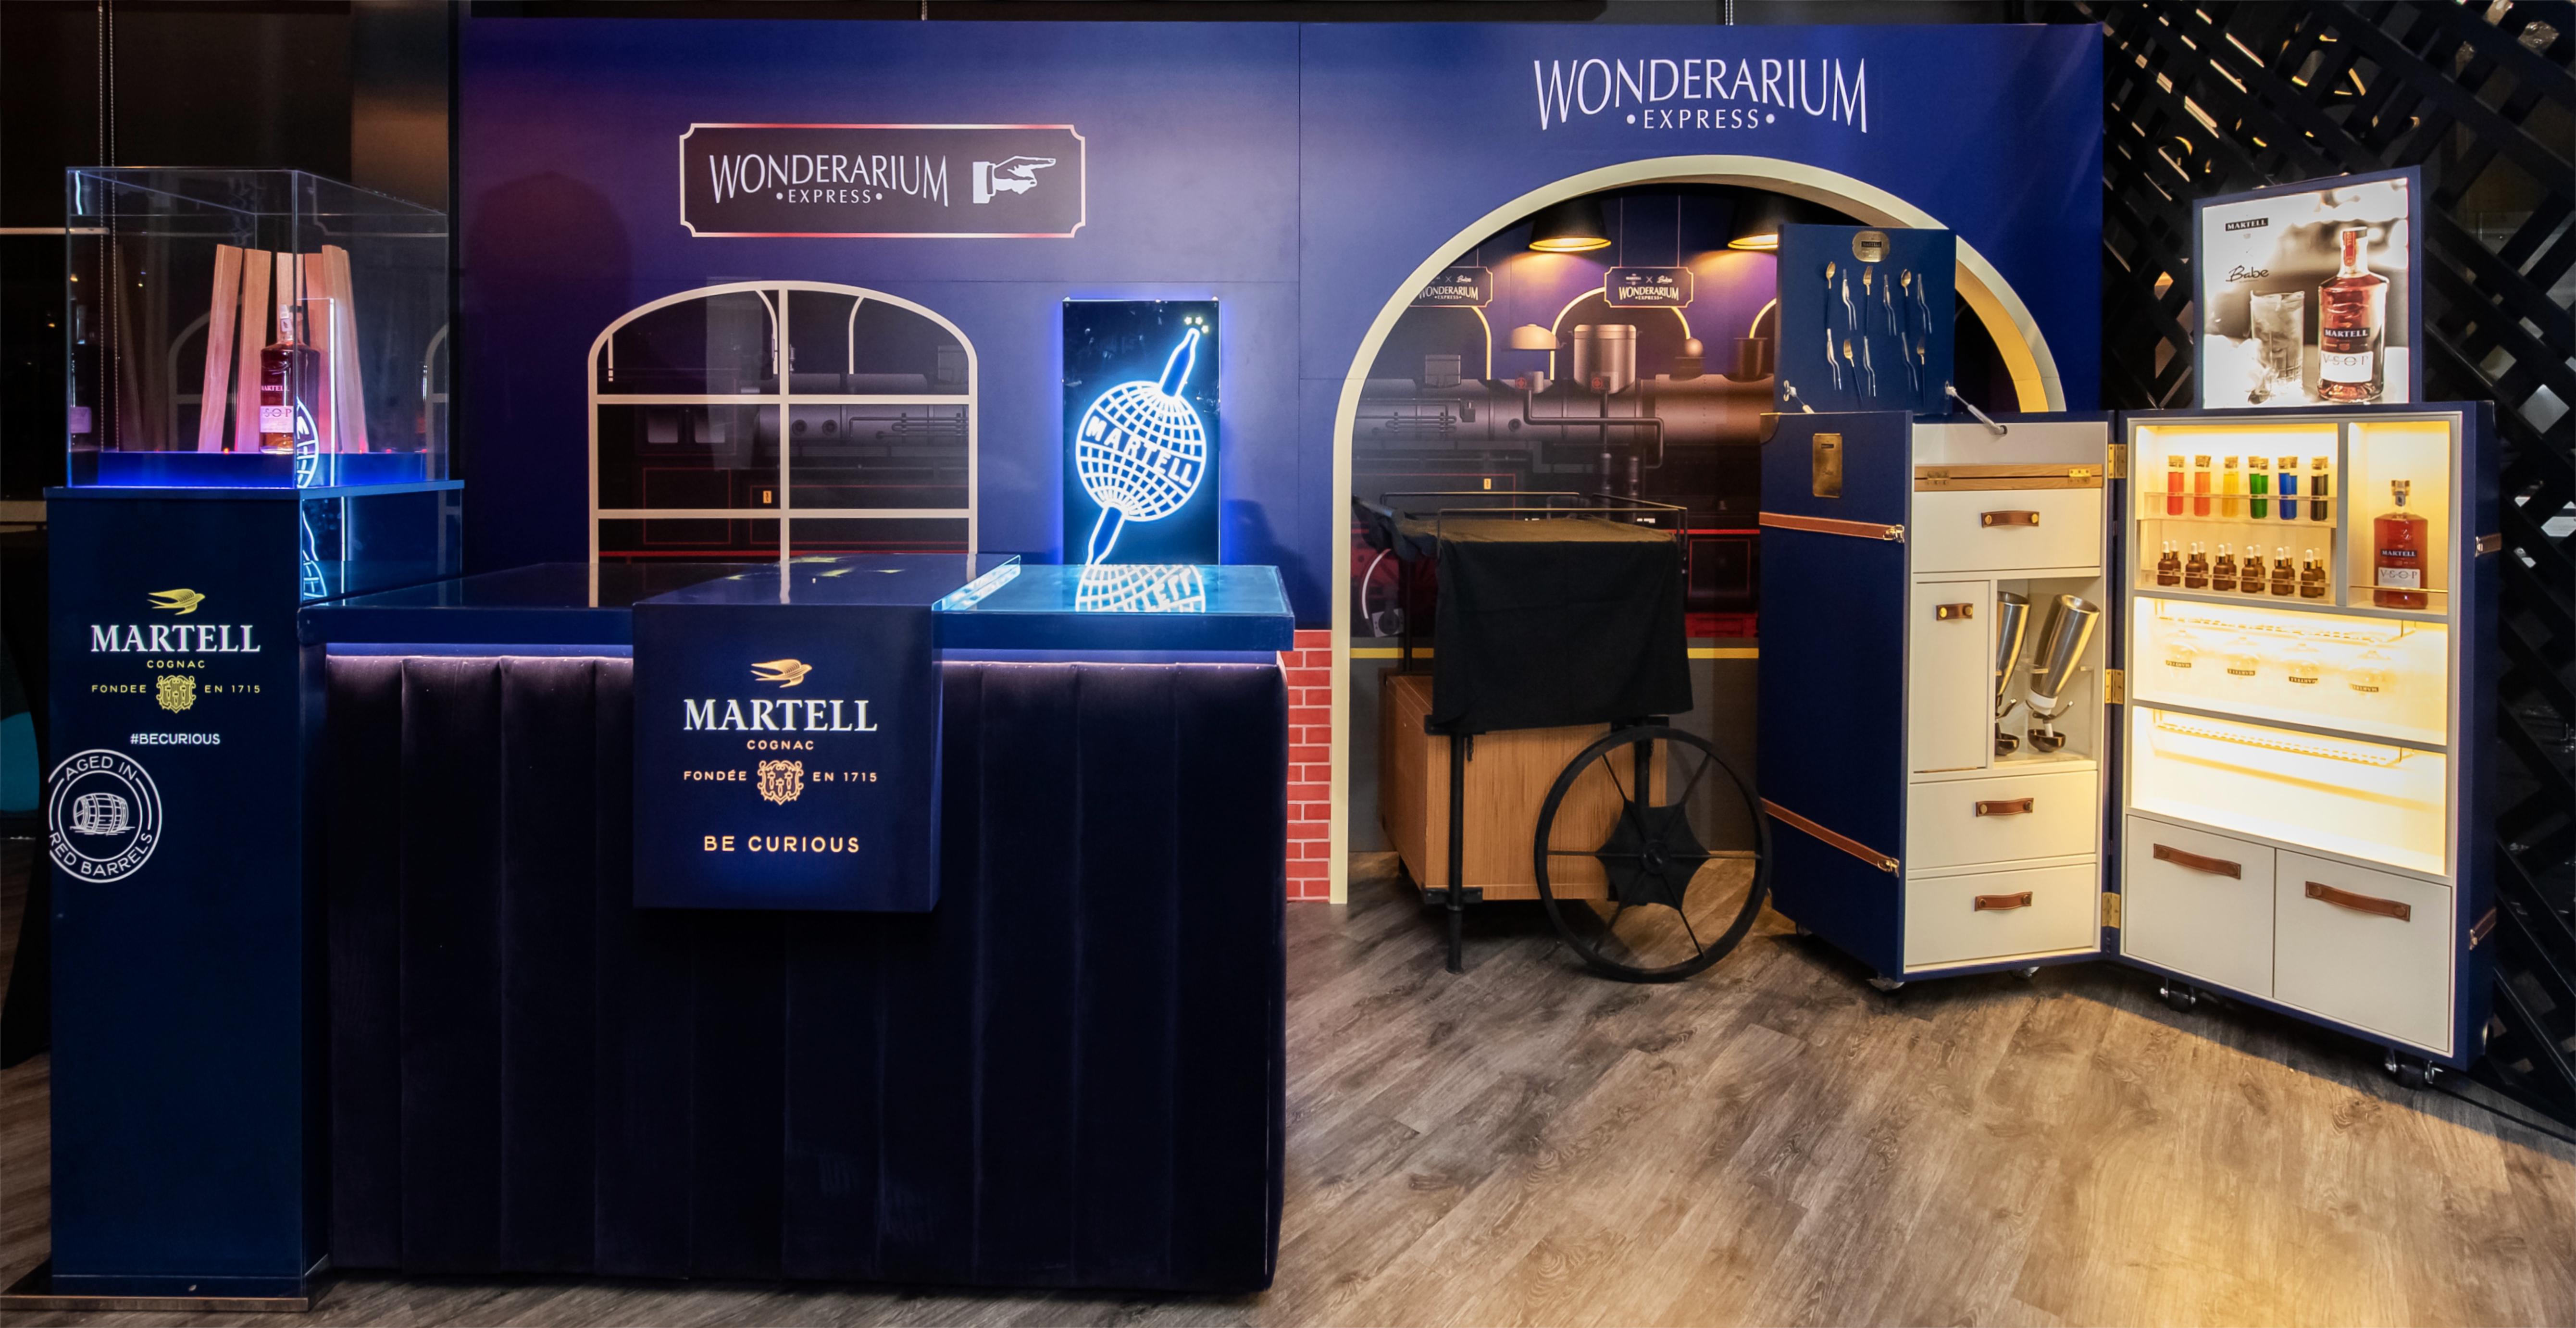 The Wonderarium